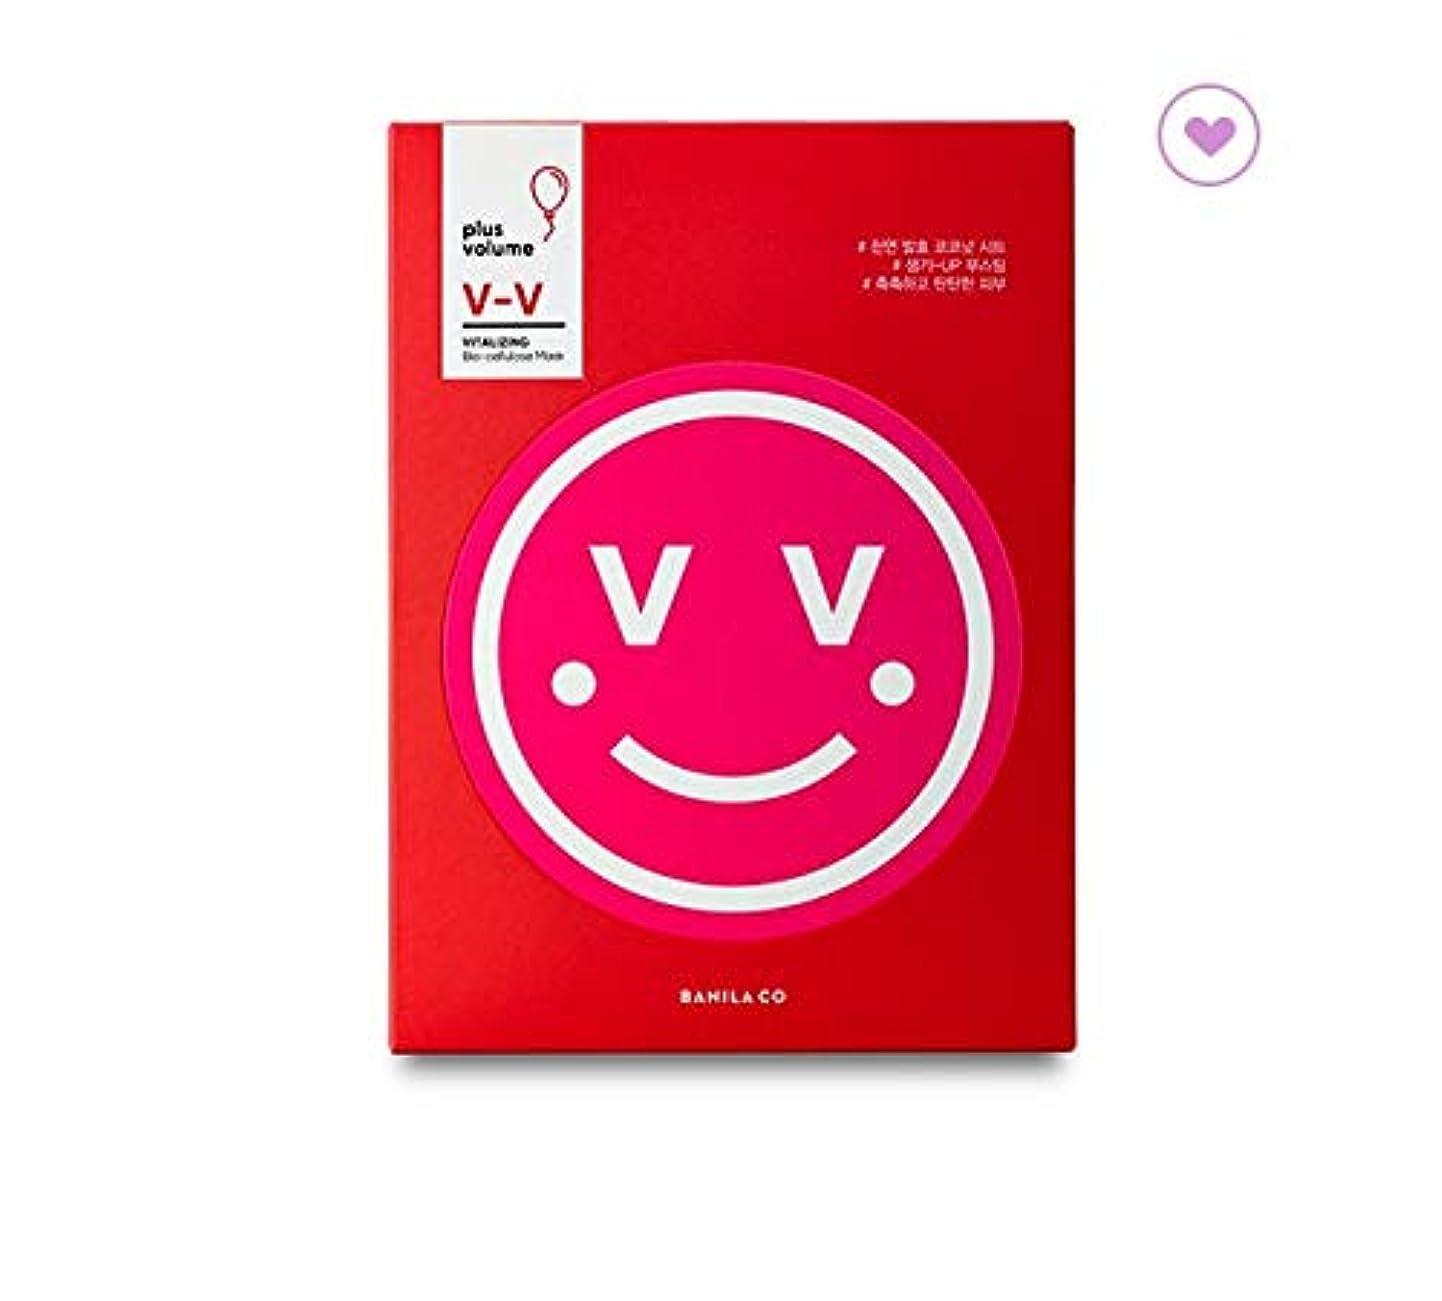 ショルダー十分ではない護衛banilaco V-V Vitalizing Bioセルロースマスク/V-V Vitalizing Bio Cellulose Mask 25ml*5 [並行輸入品]